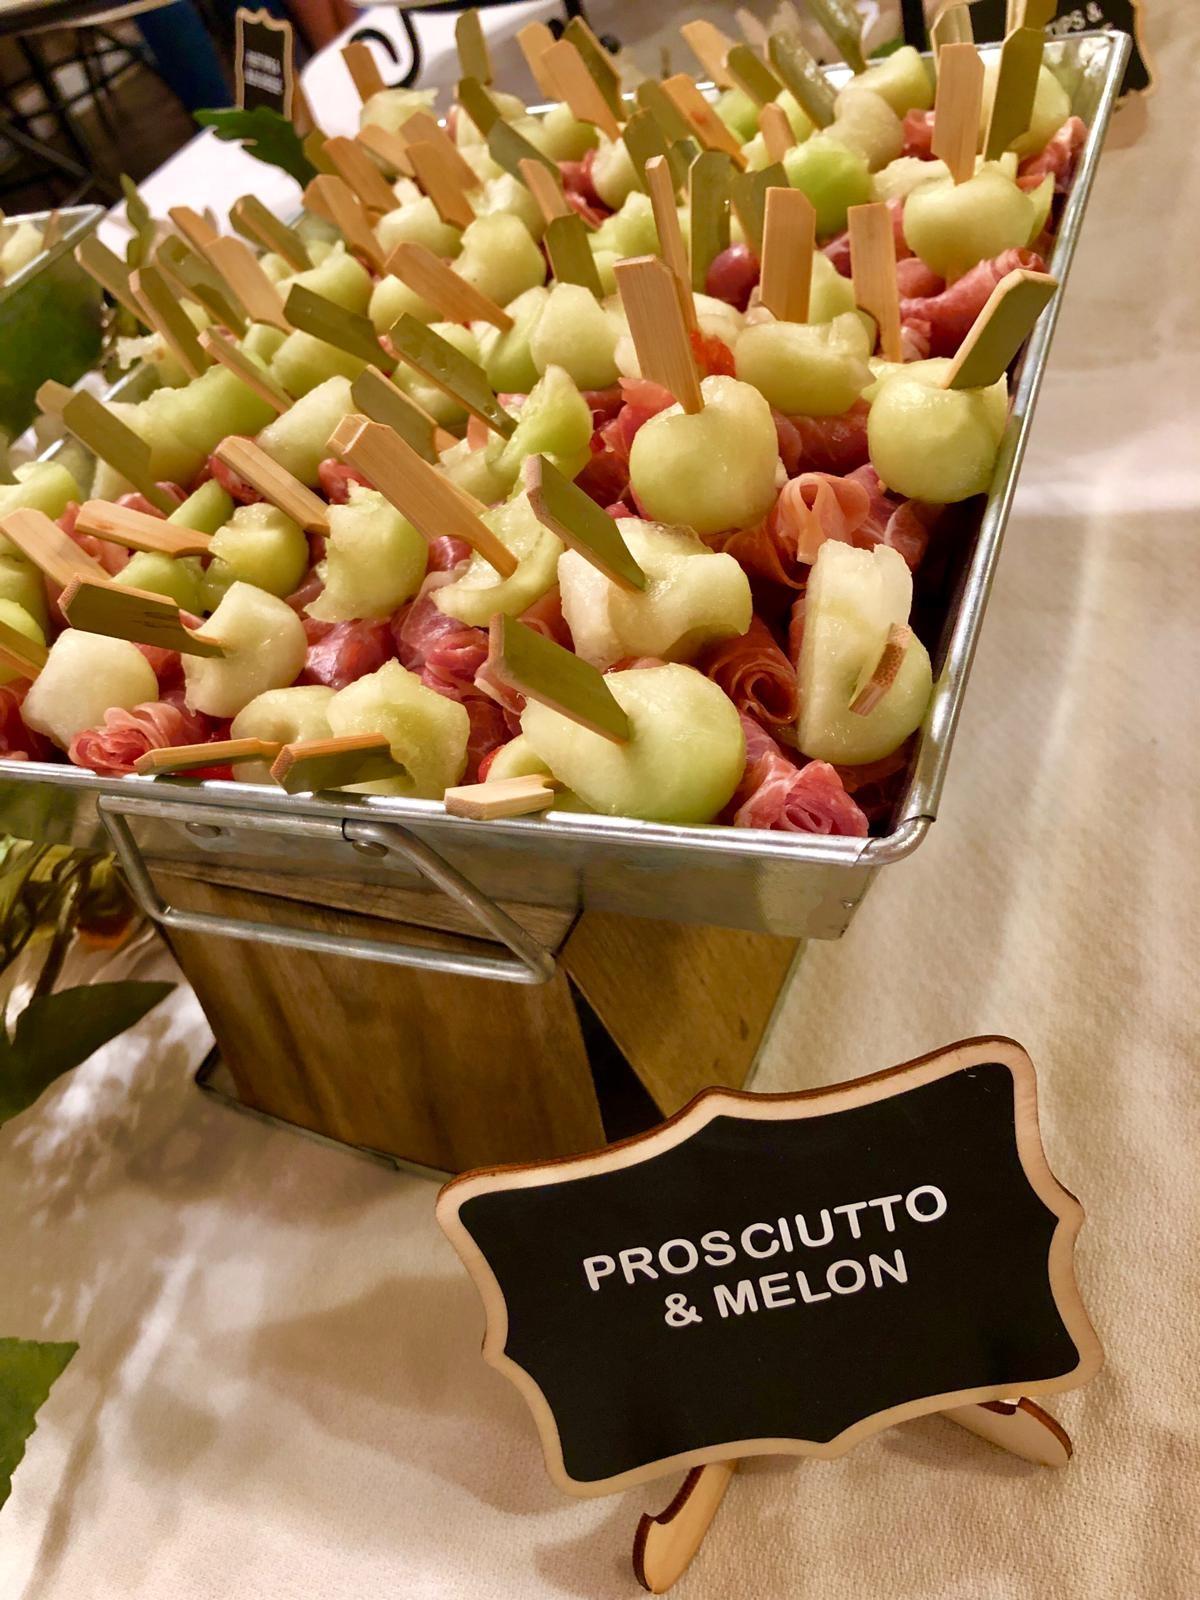 prosciutto & melon skewers